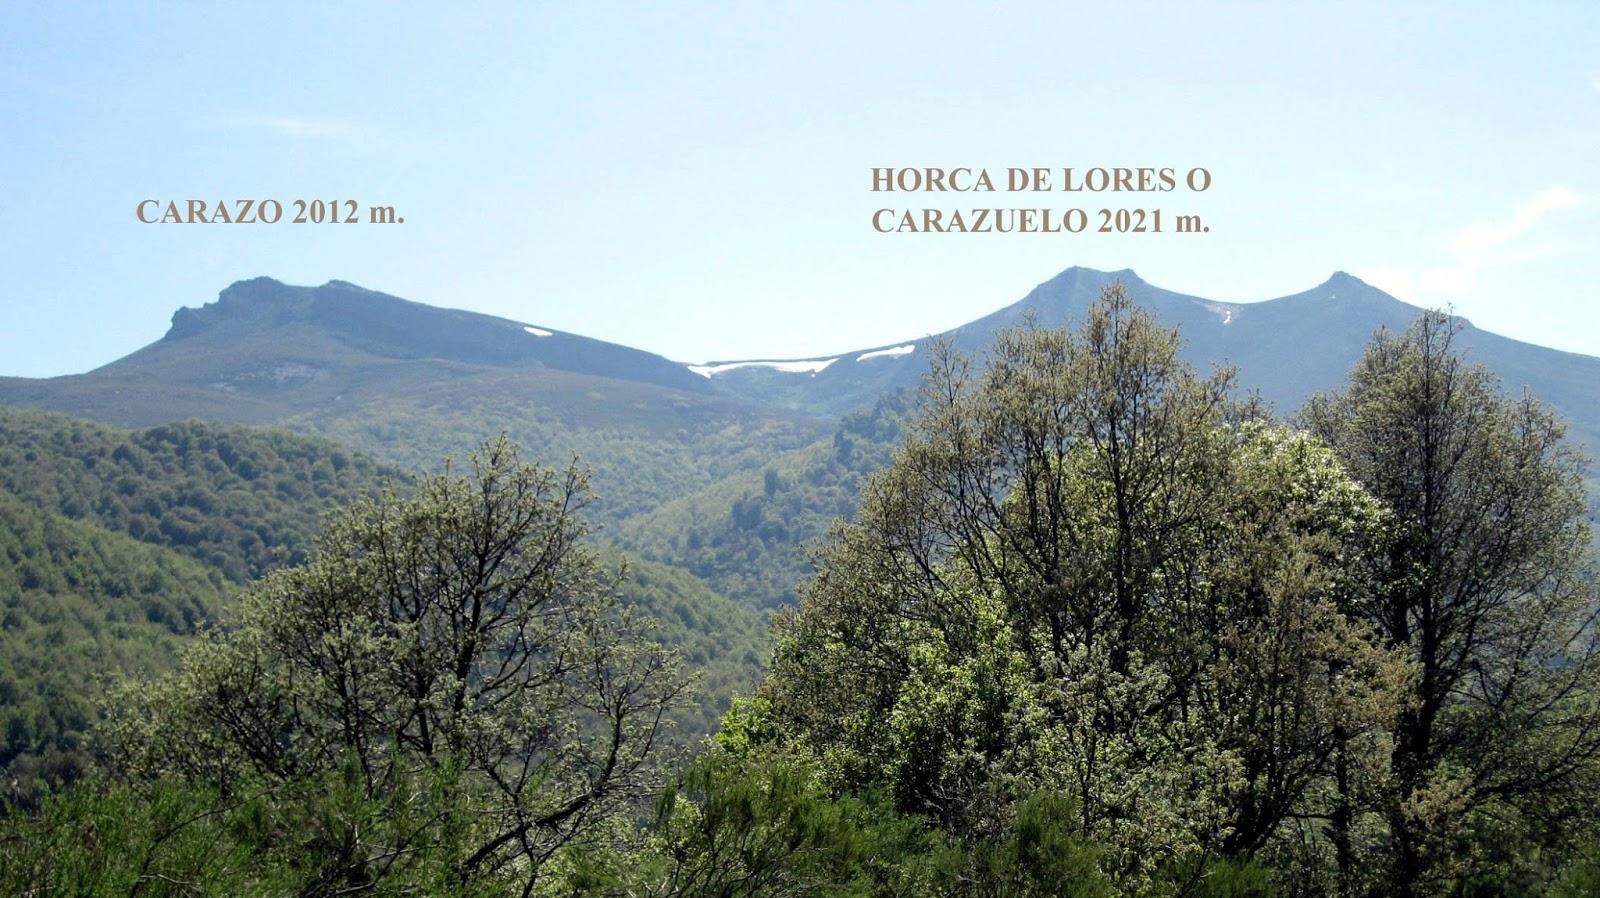 Carazo y Horca de lores o Carazuelo